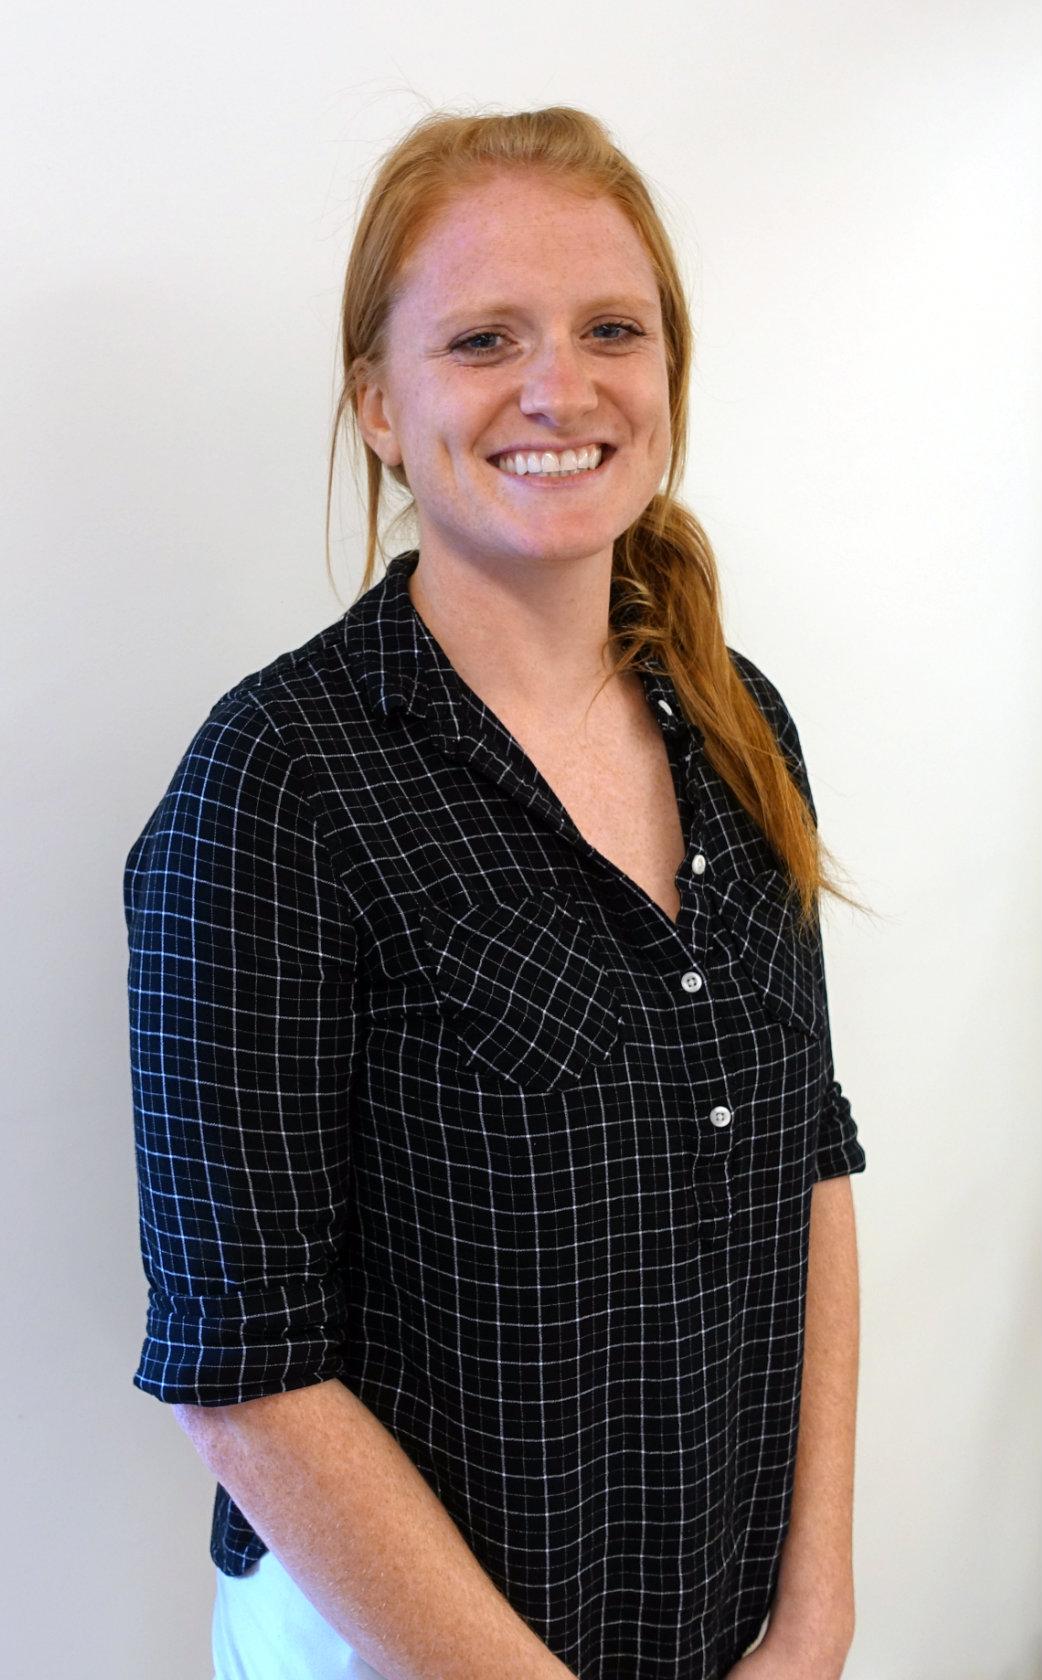 Dr. Tara VanVranken, DC, Certification in Chiropractic BioPhysics